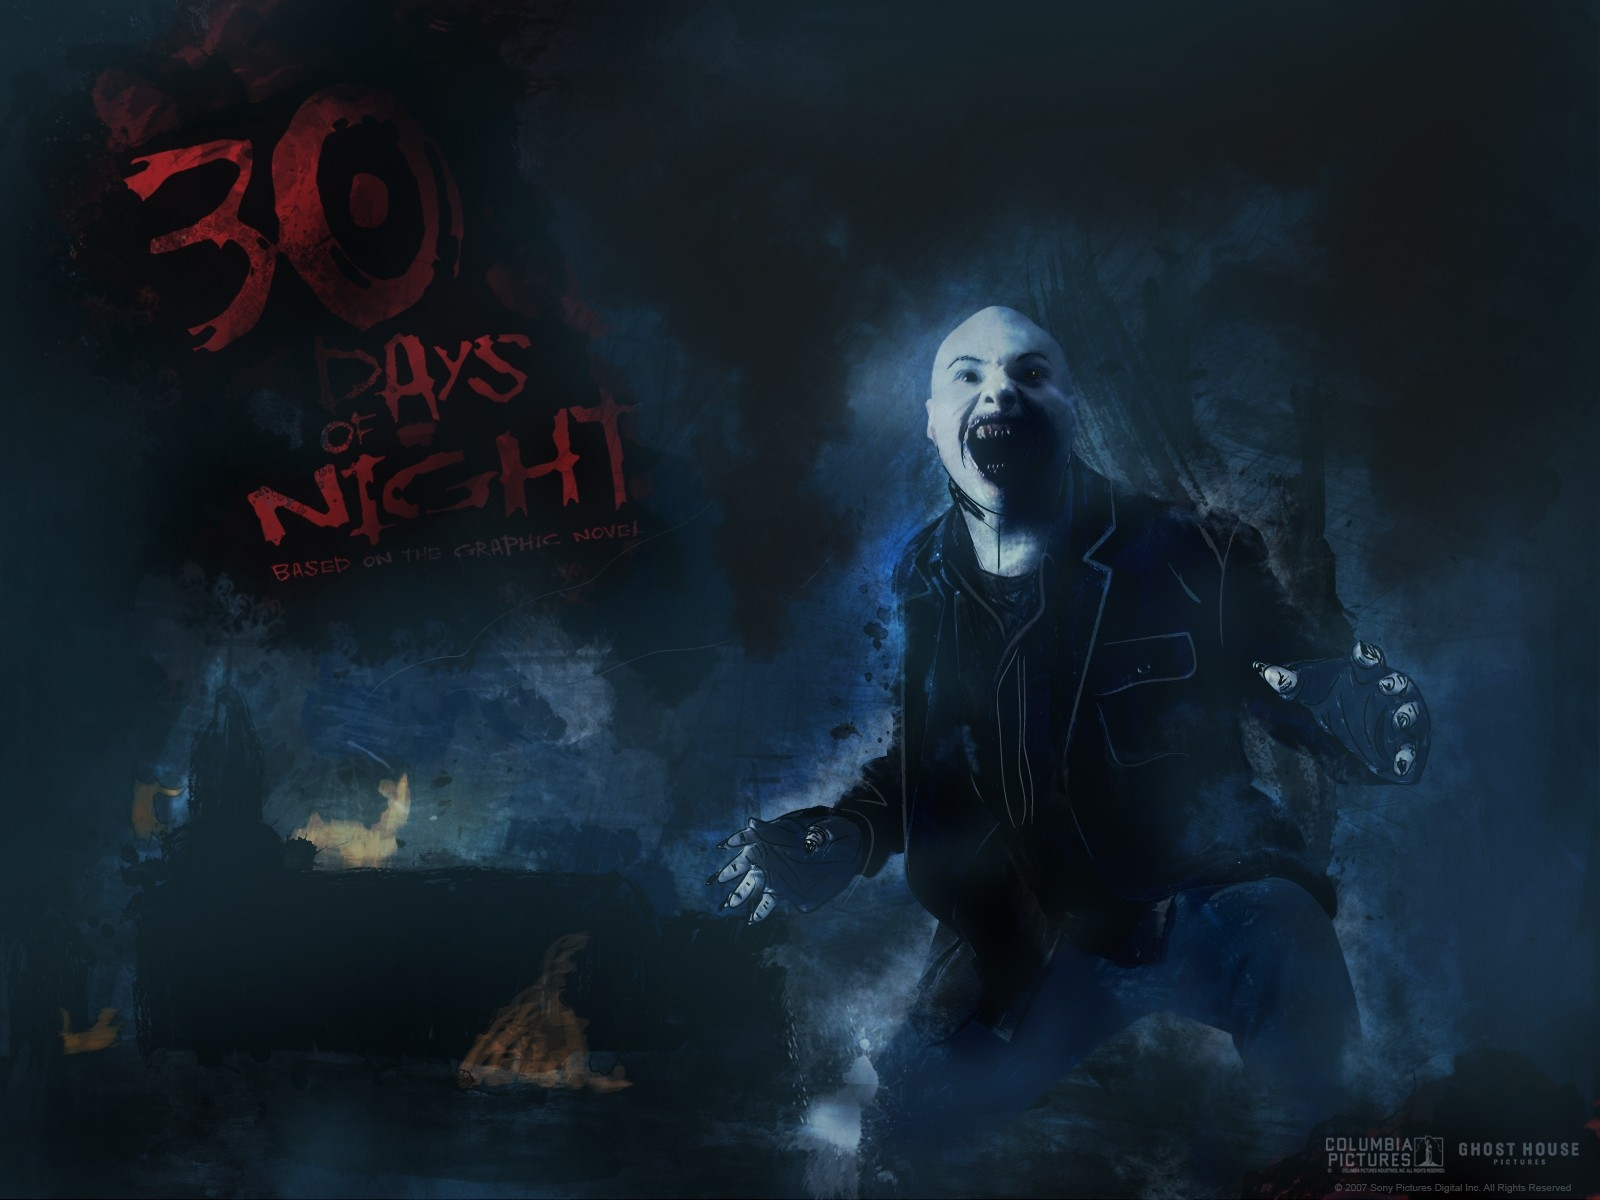 Wallpaper di 30 giorni di buio con una delle spaventose creature del film